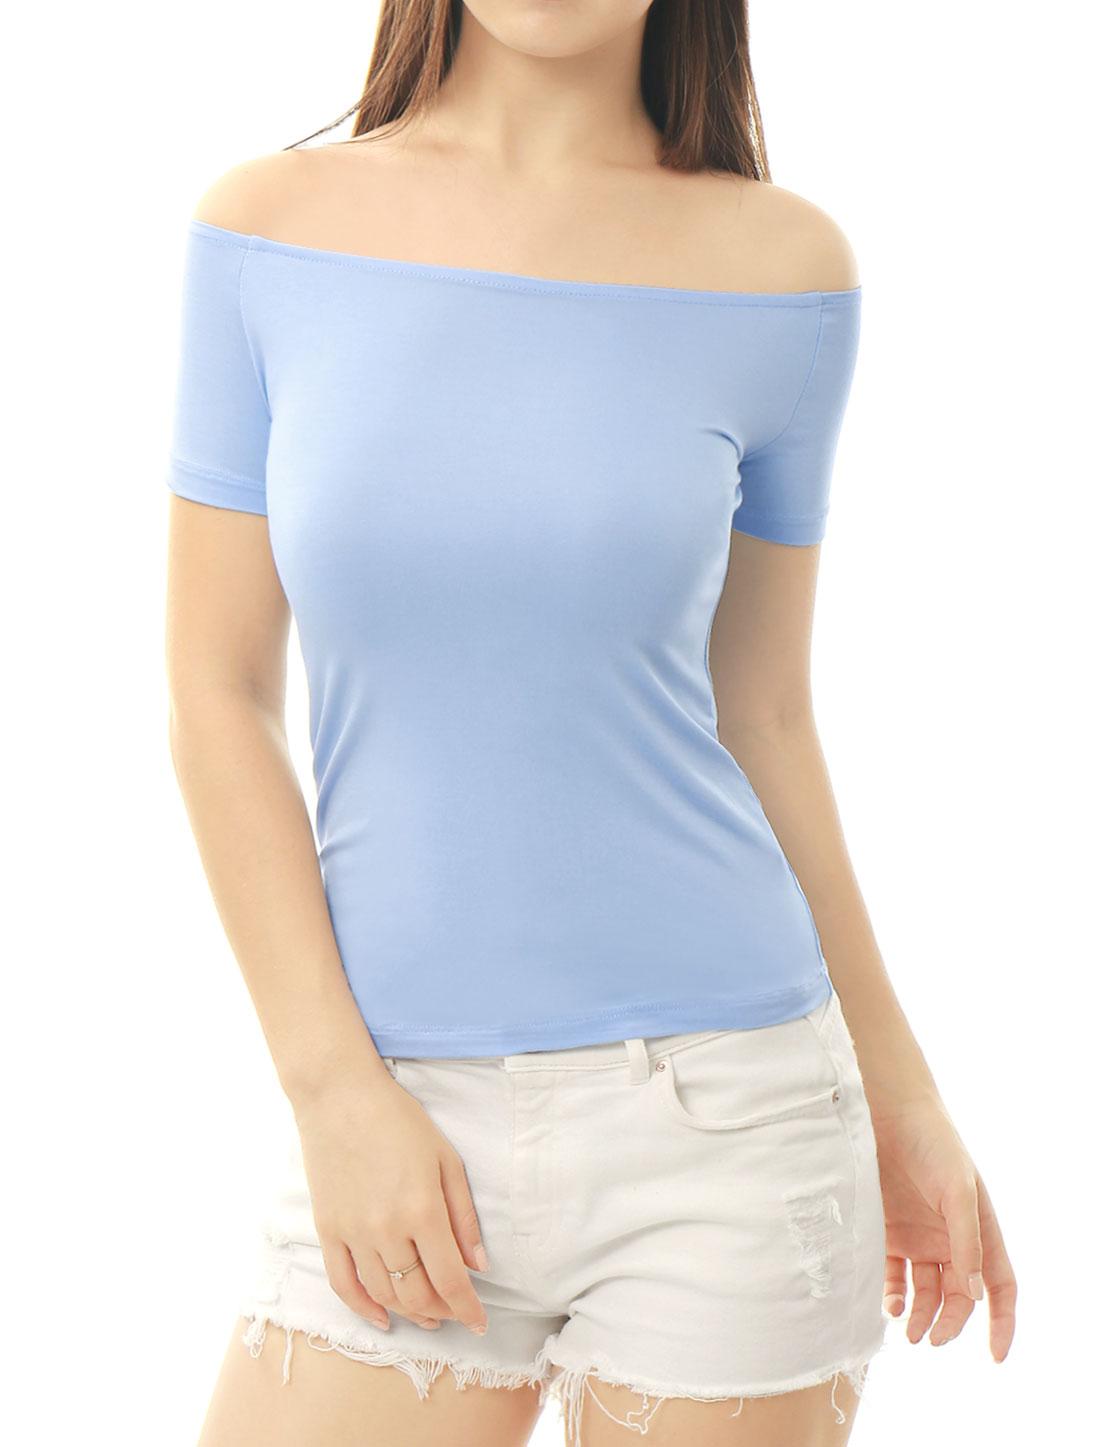 Women Short Sleeves Slim Fit Off the Shoulder Top Light Blue L